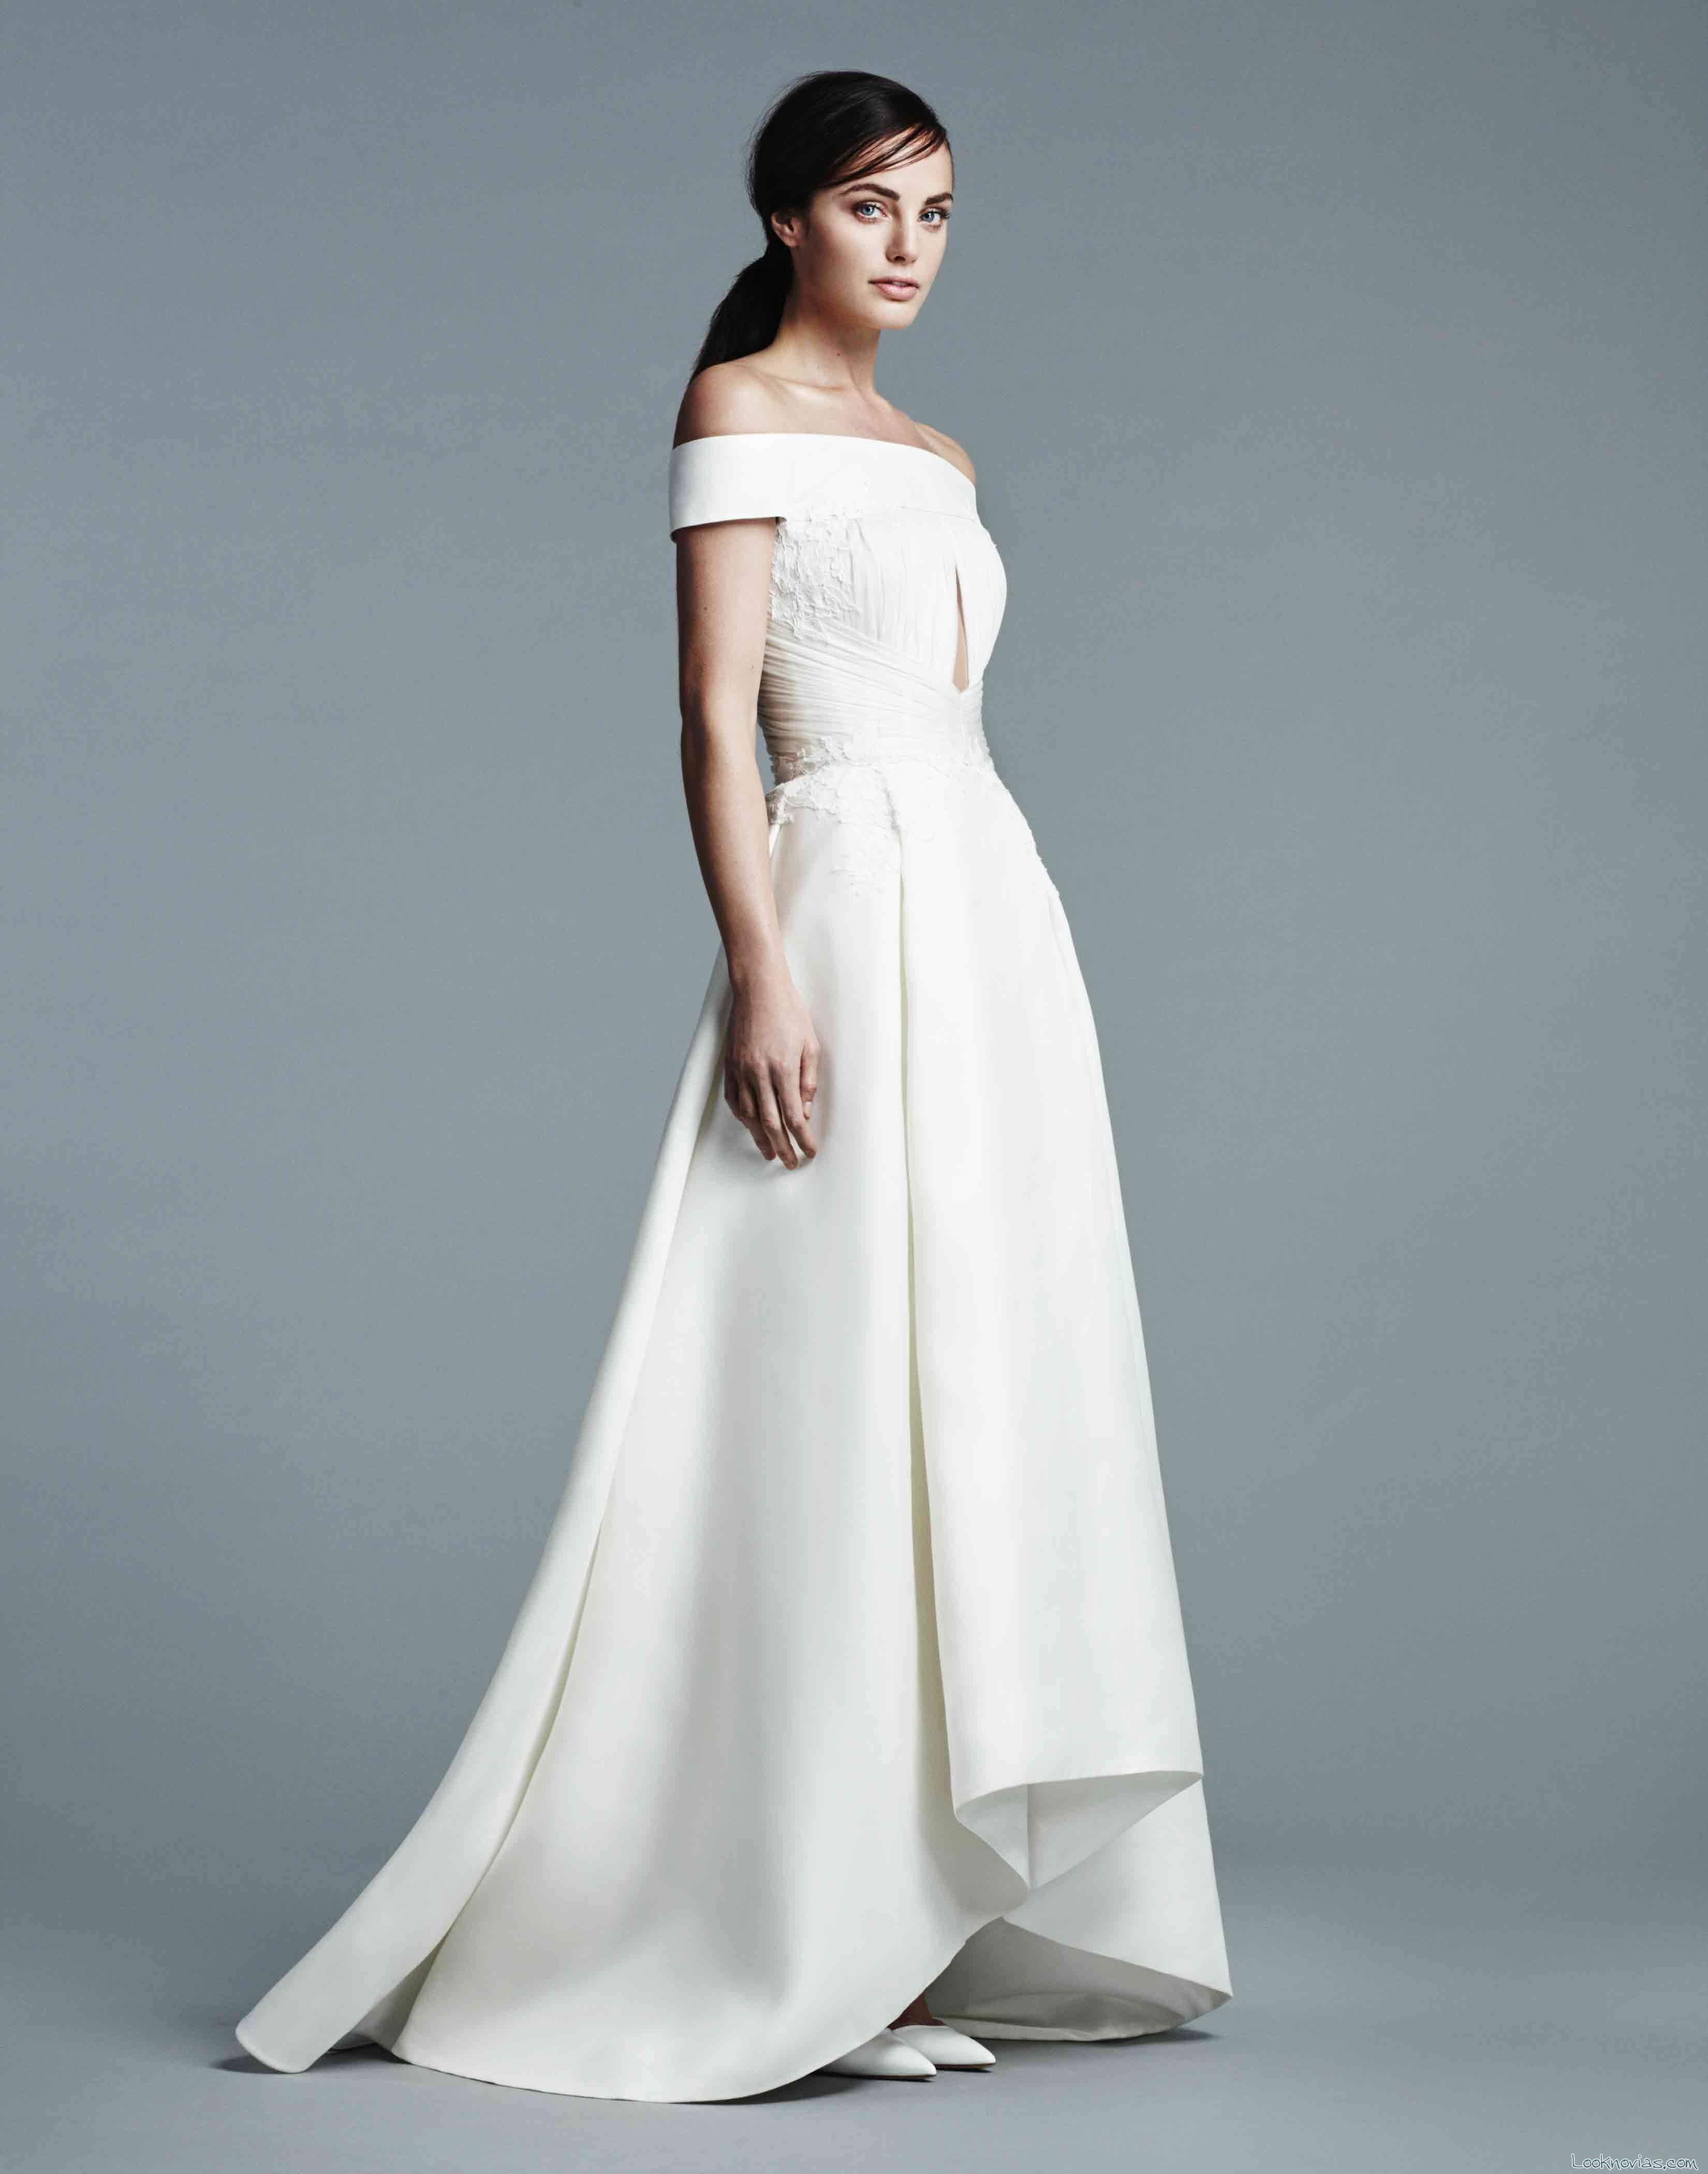 vestido j mendel con escote de hombros caídos